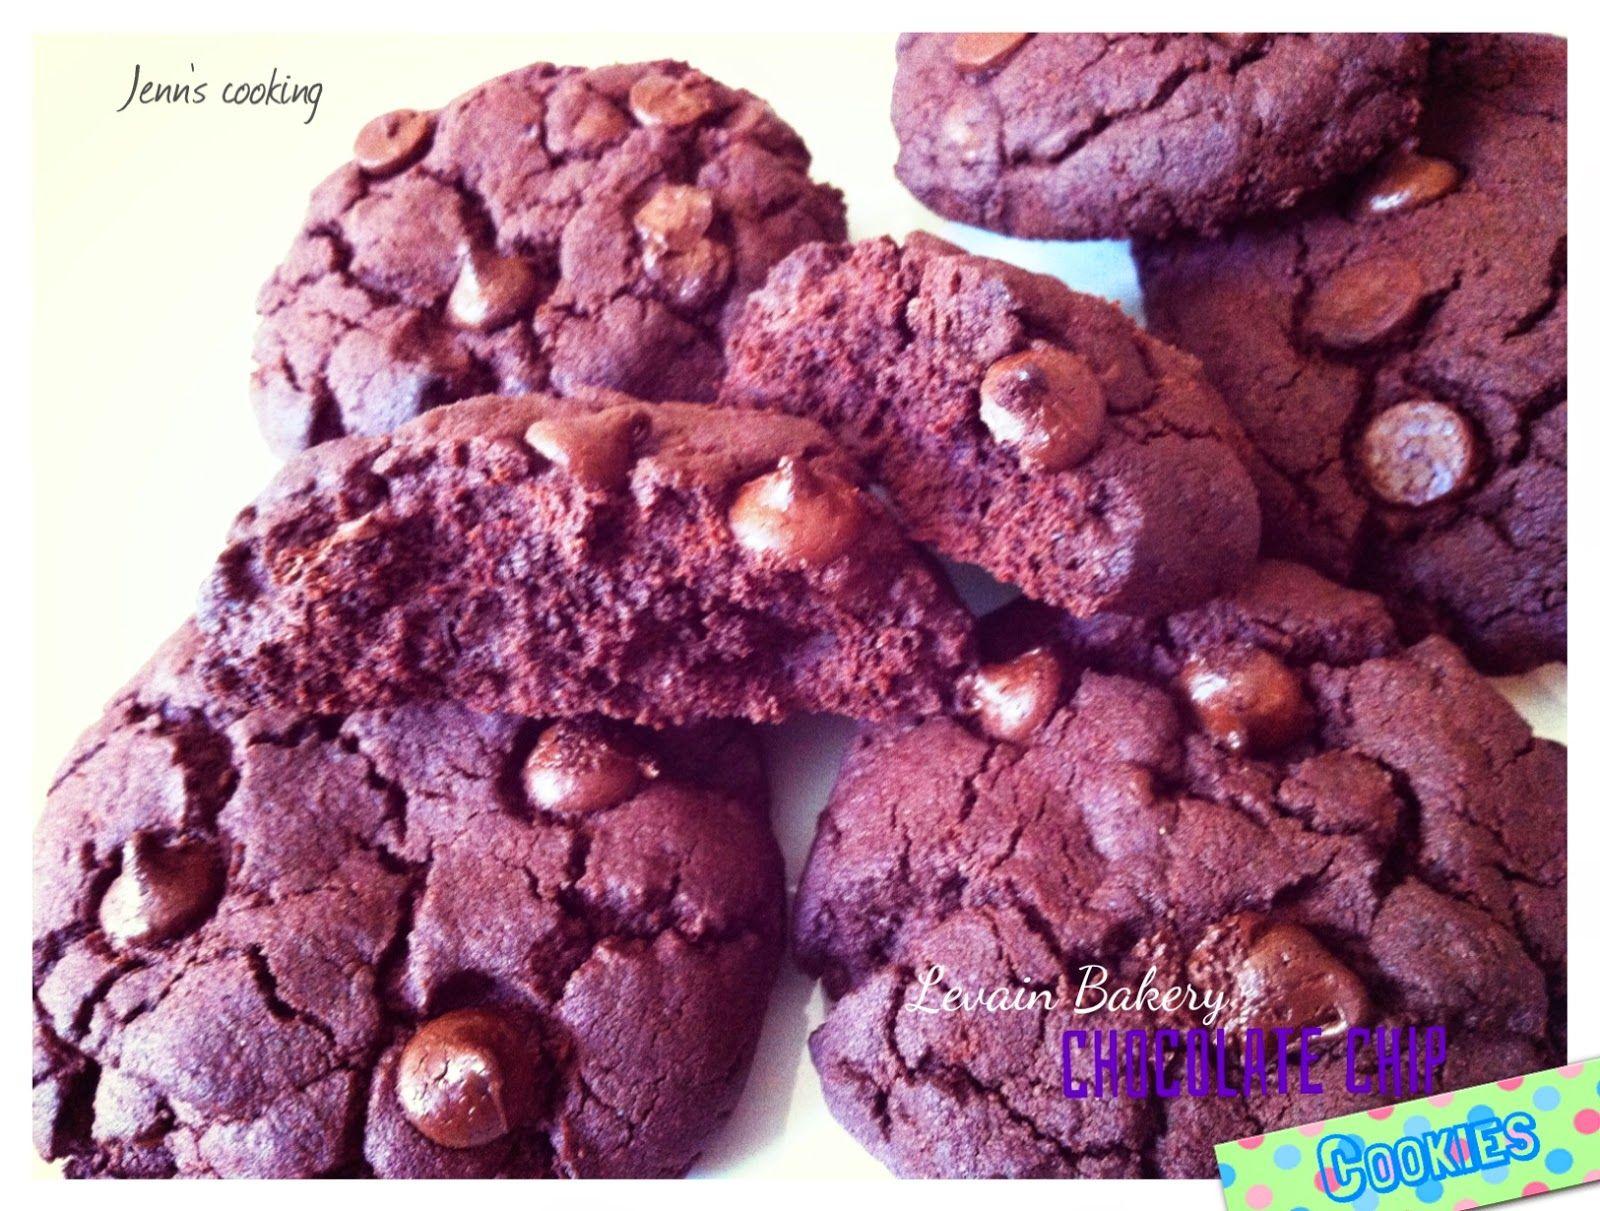 Jenn's cooking: Cookies au Chocolat Façon Levain Bakery